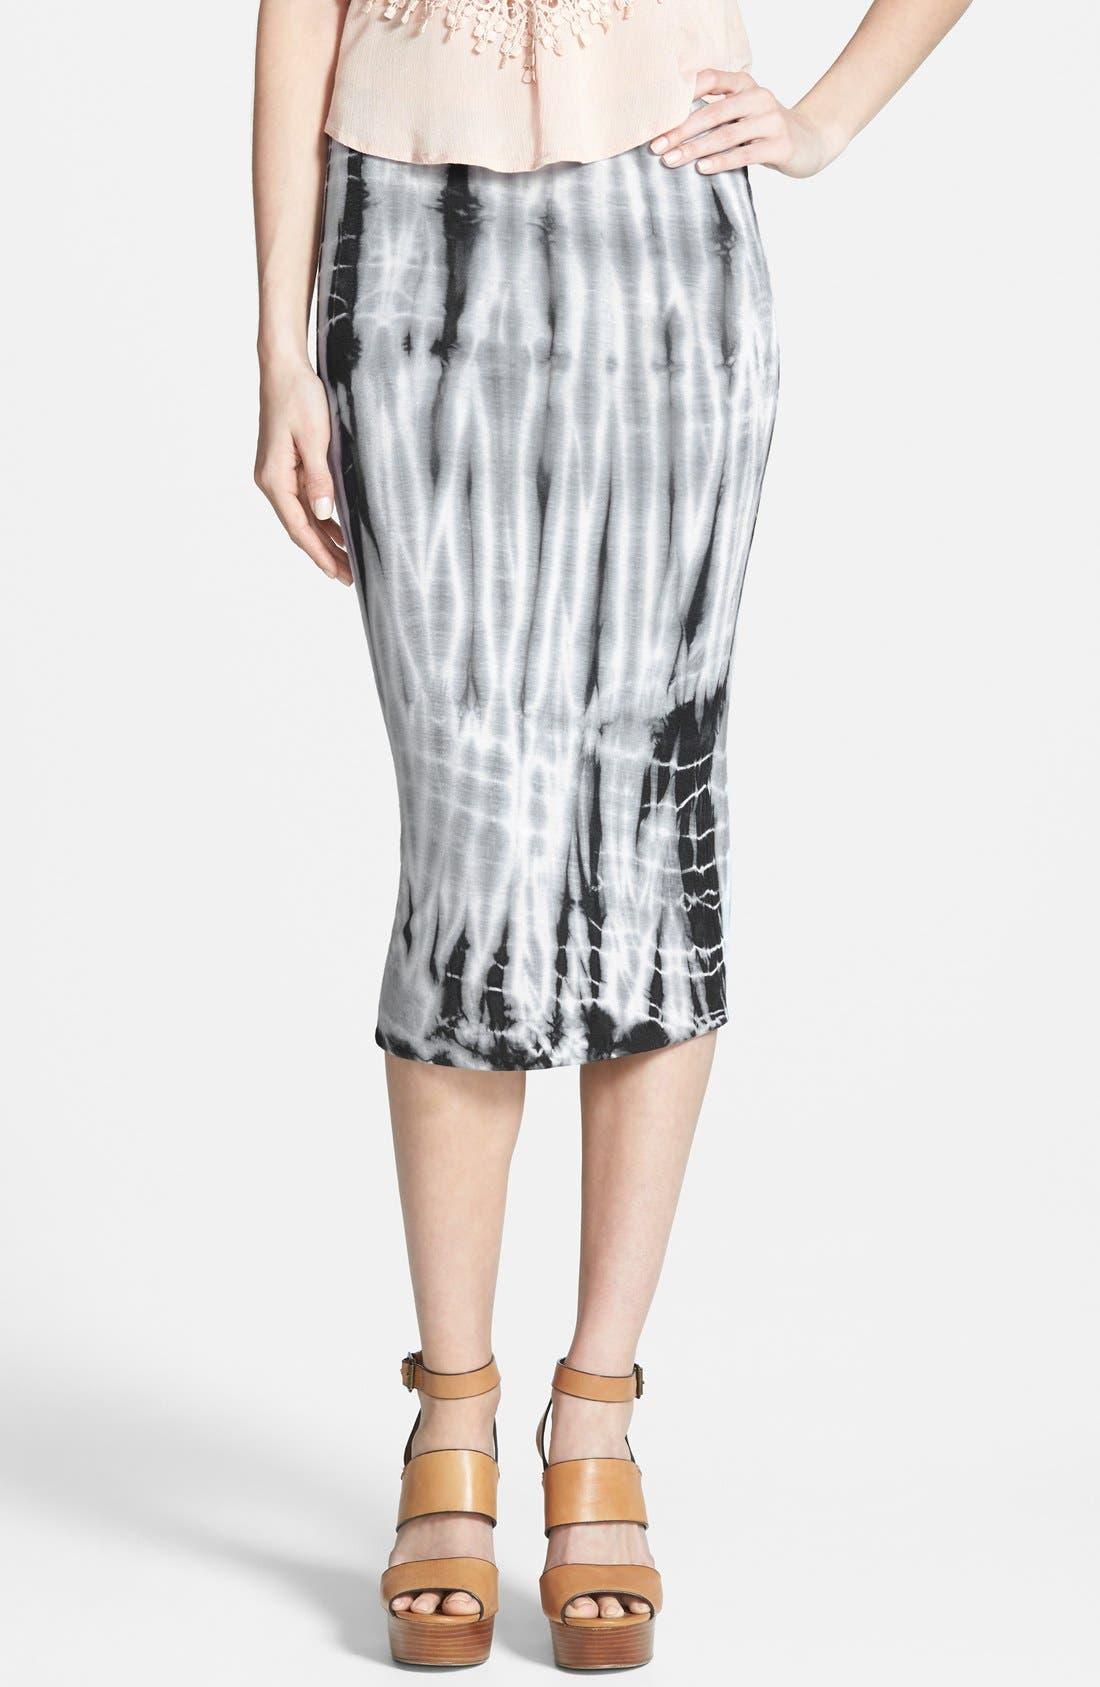 Alternate Image 1 Selected - Leith Tie Dye Tube Skirt